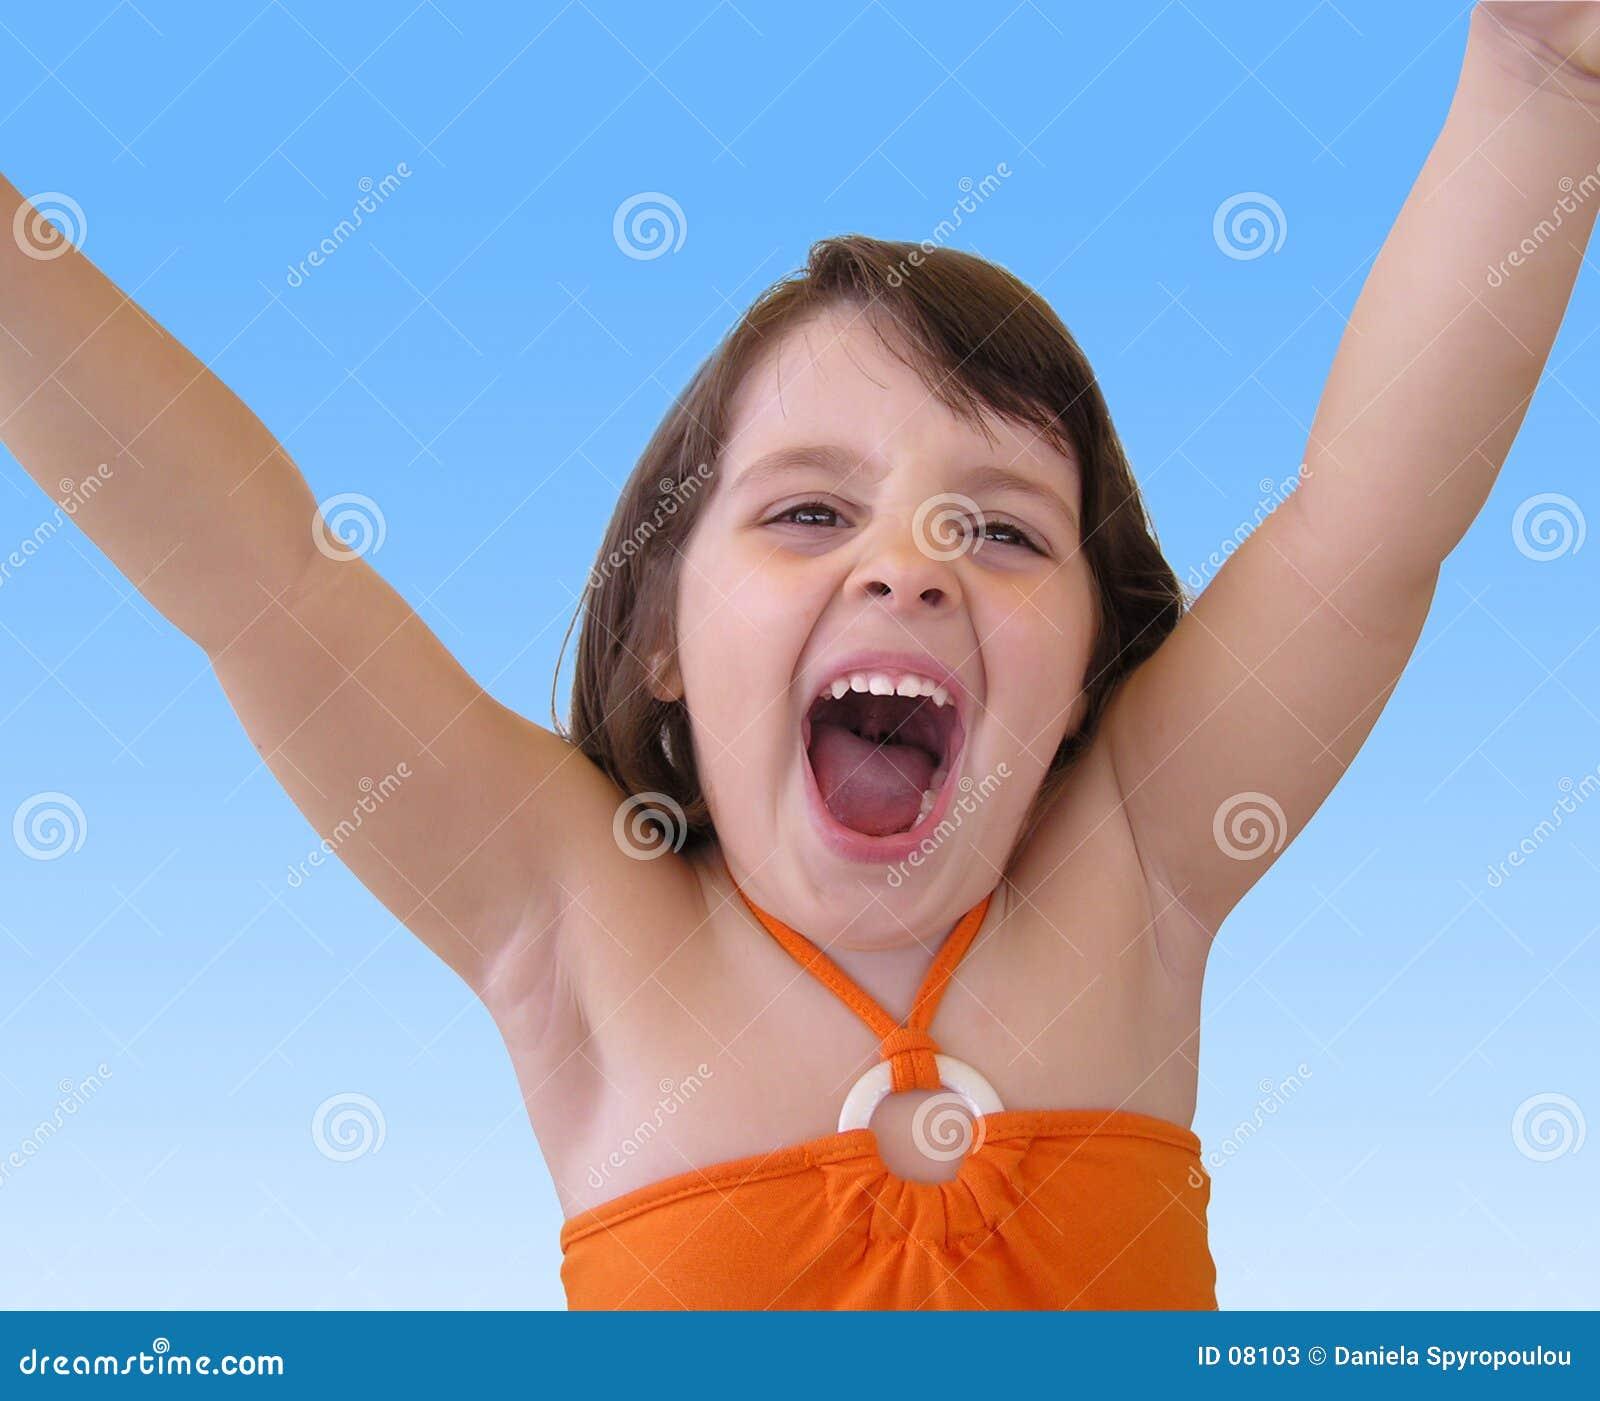 Download Gelukkig meisje stock afbeelding. Afbeelding bestaande uit hoofd - 8103